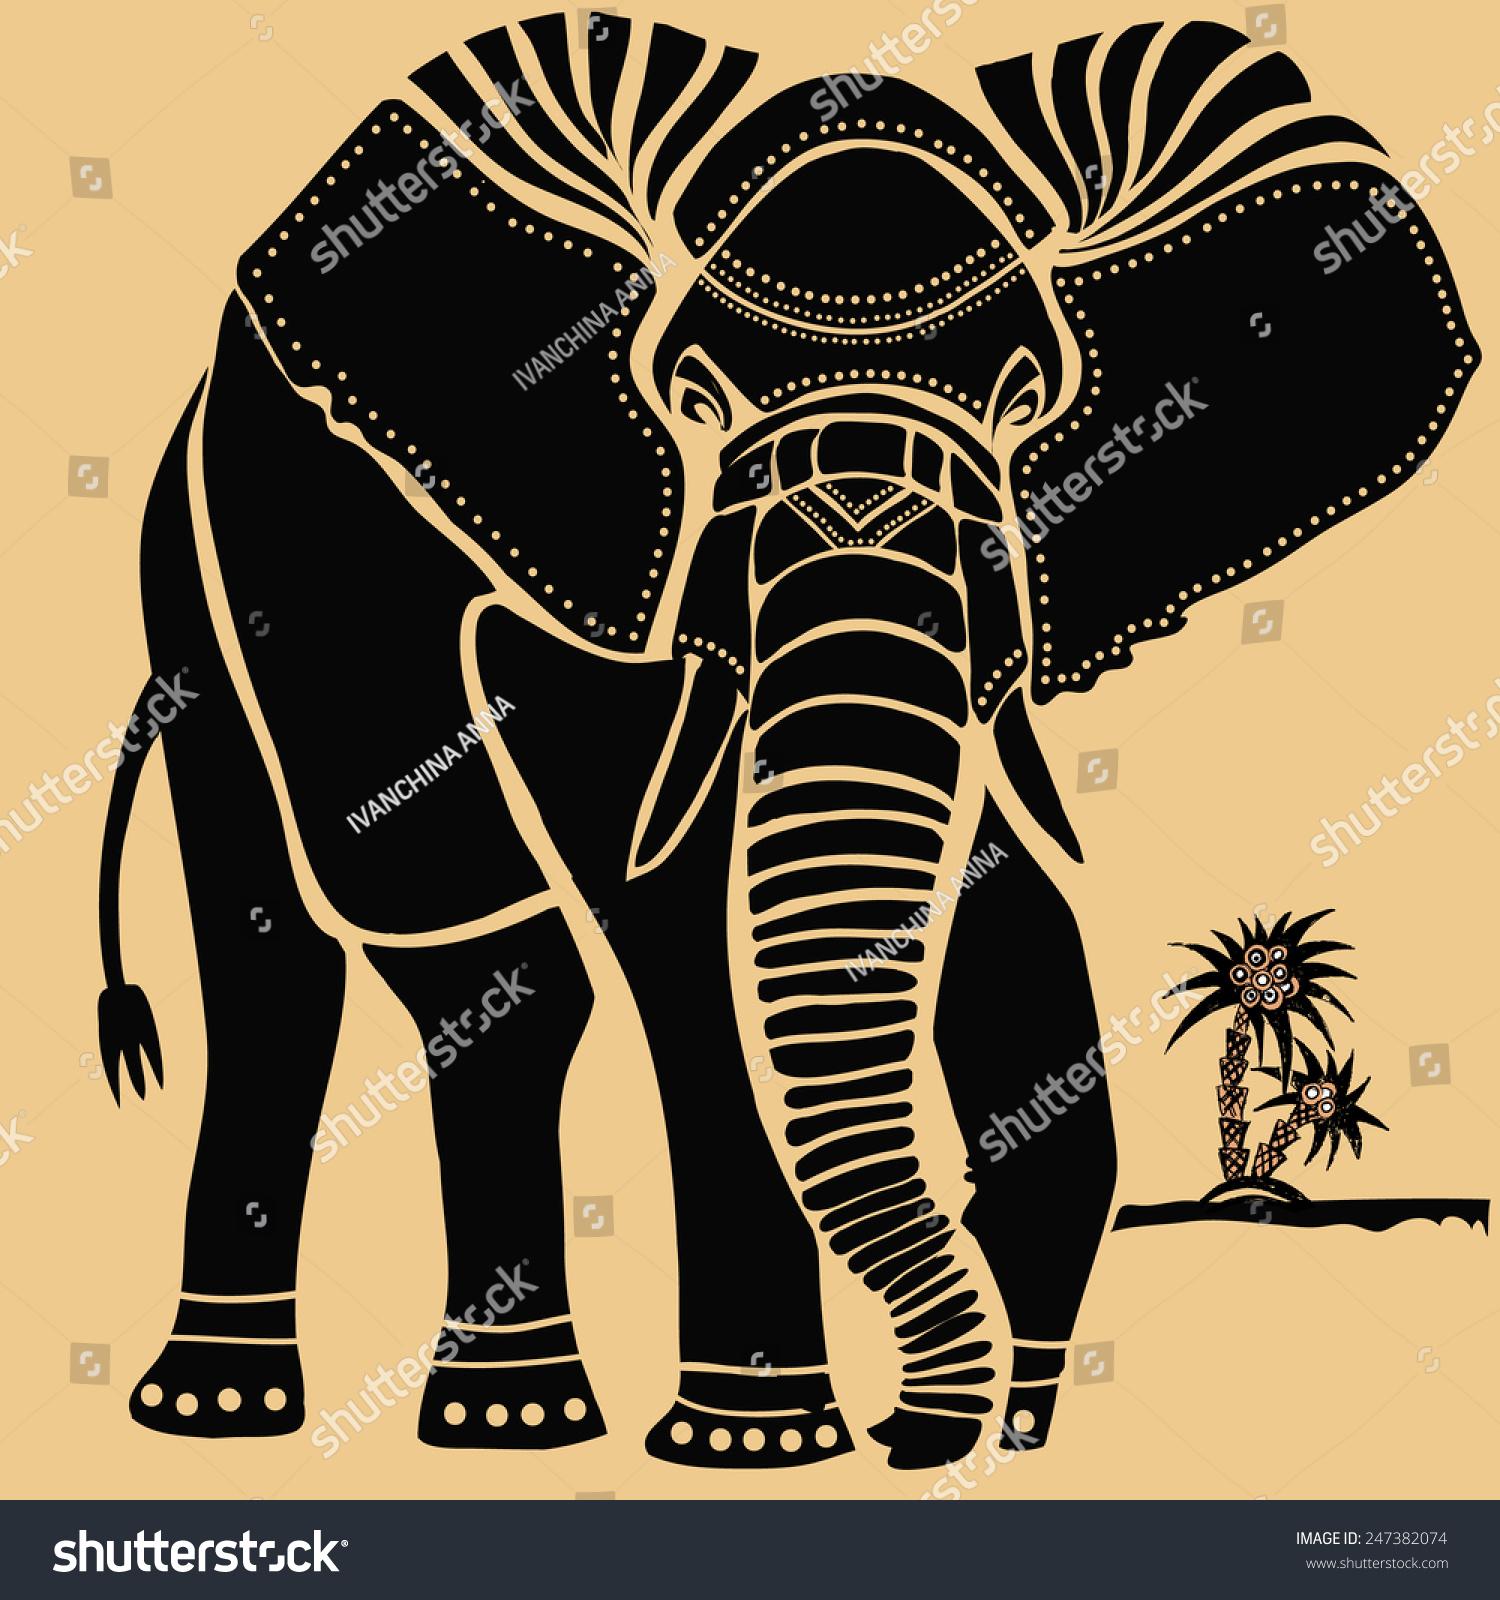 大象的剪影.-动物/野生生物,其它-海洛创意()-.